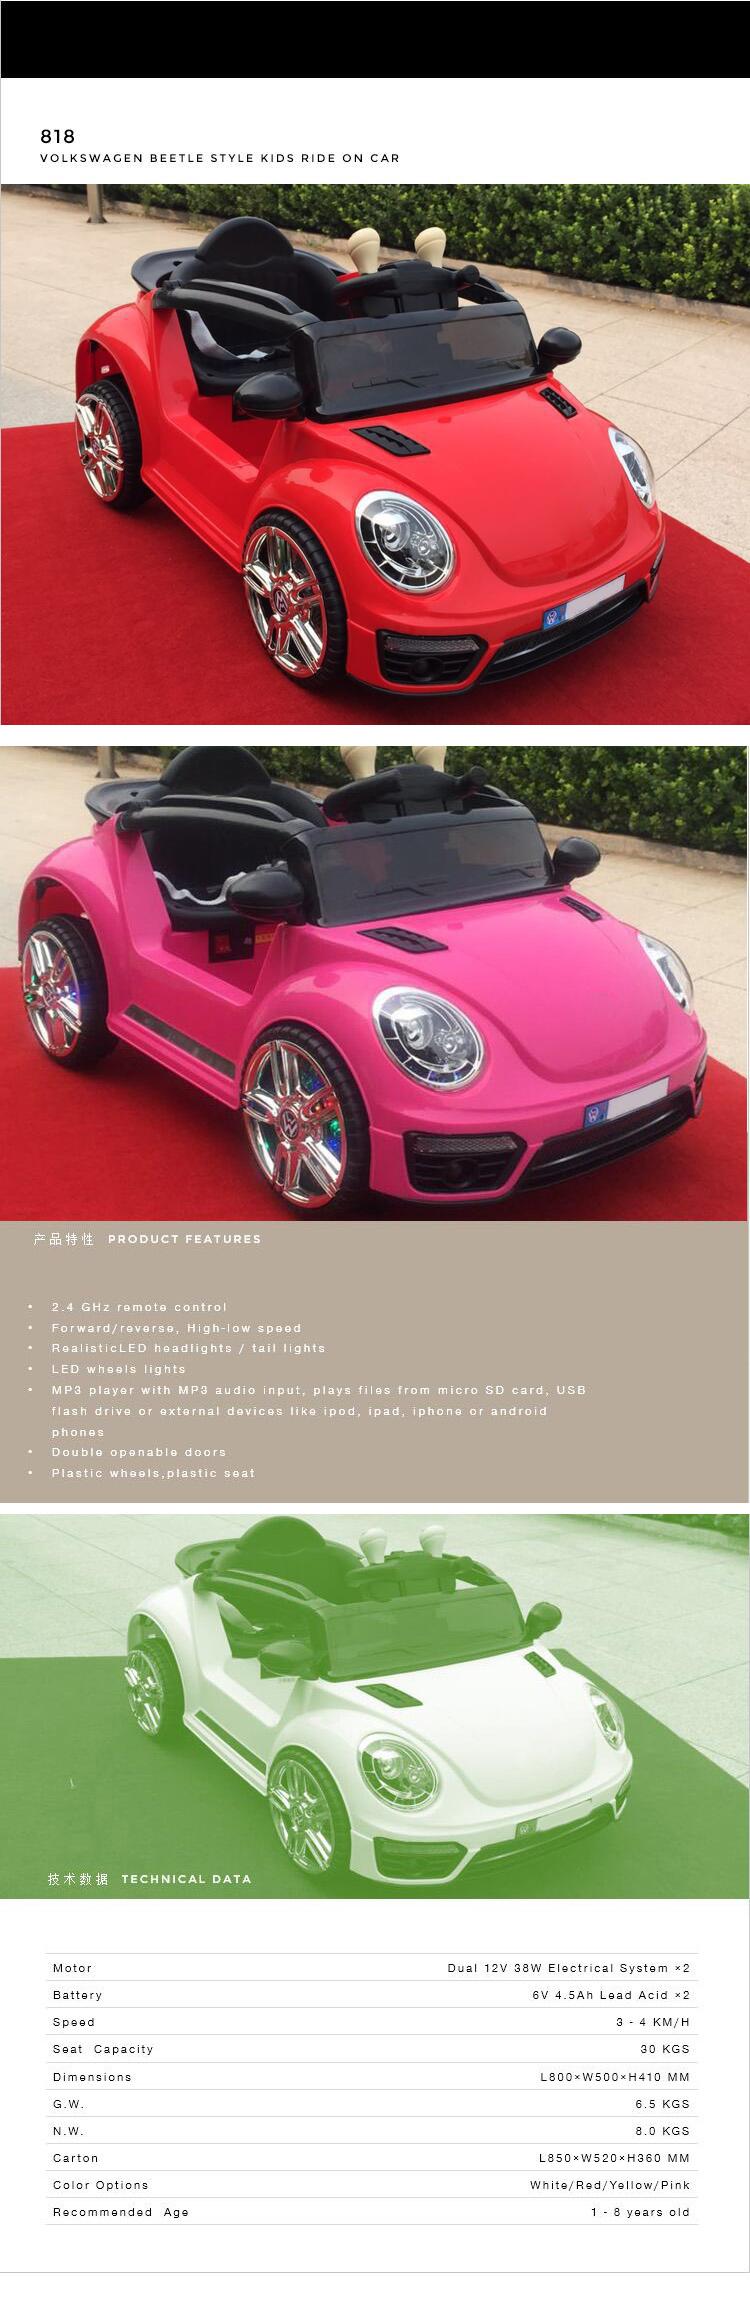 Vw Kever 12 Volt Rit Op Speelgoed Elektrische Auto Kids Peuter Batterij Aangedreven Buy 12 V Batterij Aangedreven Rit Op Cars 6 Volt Speelgoed Auto